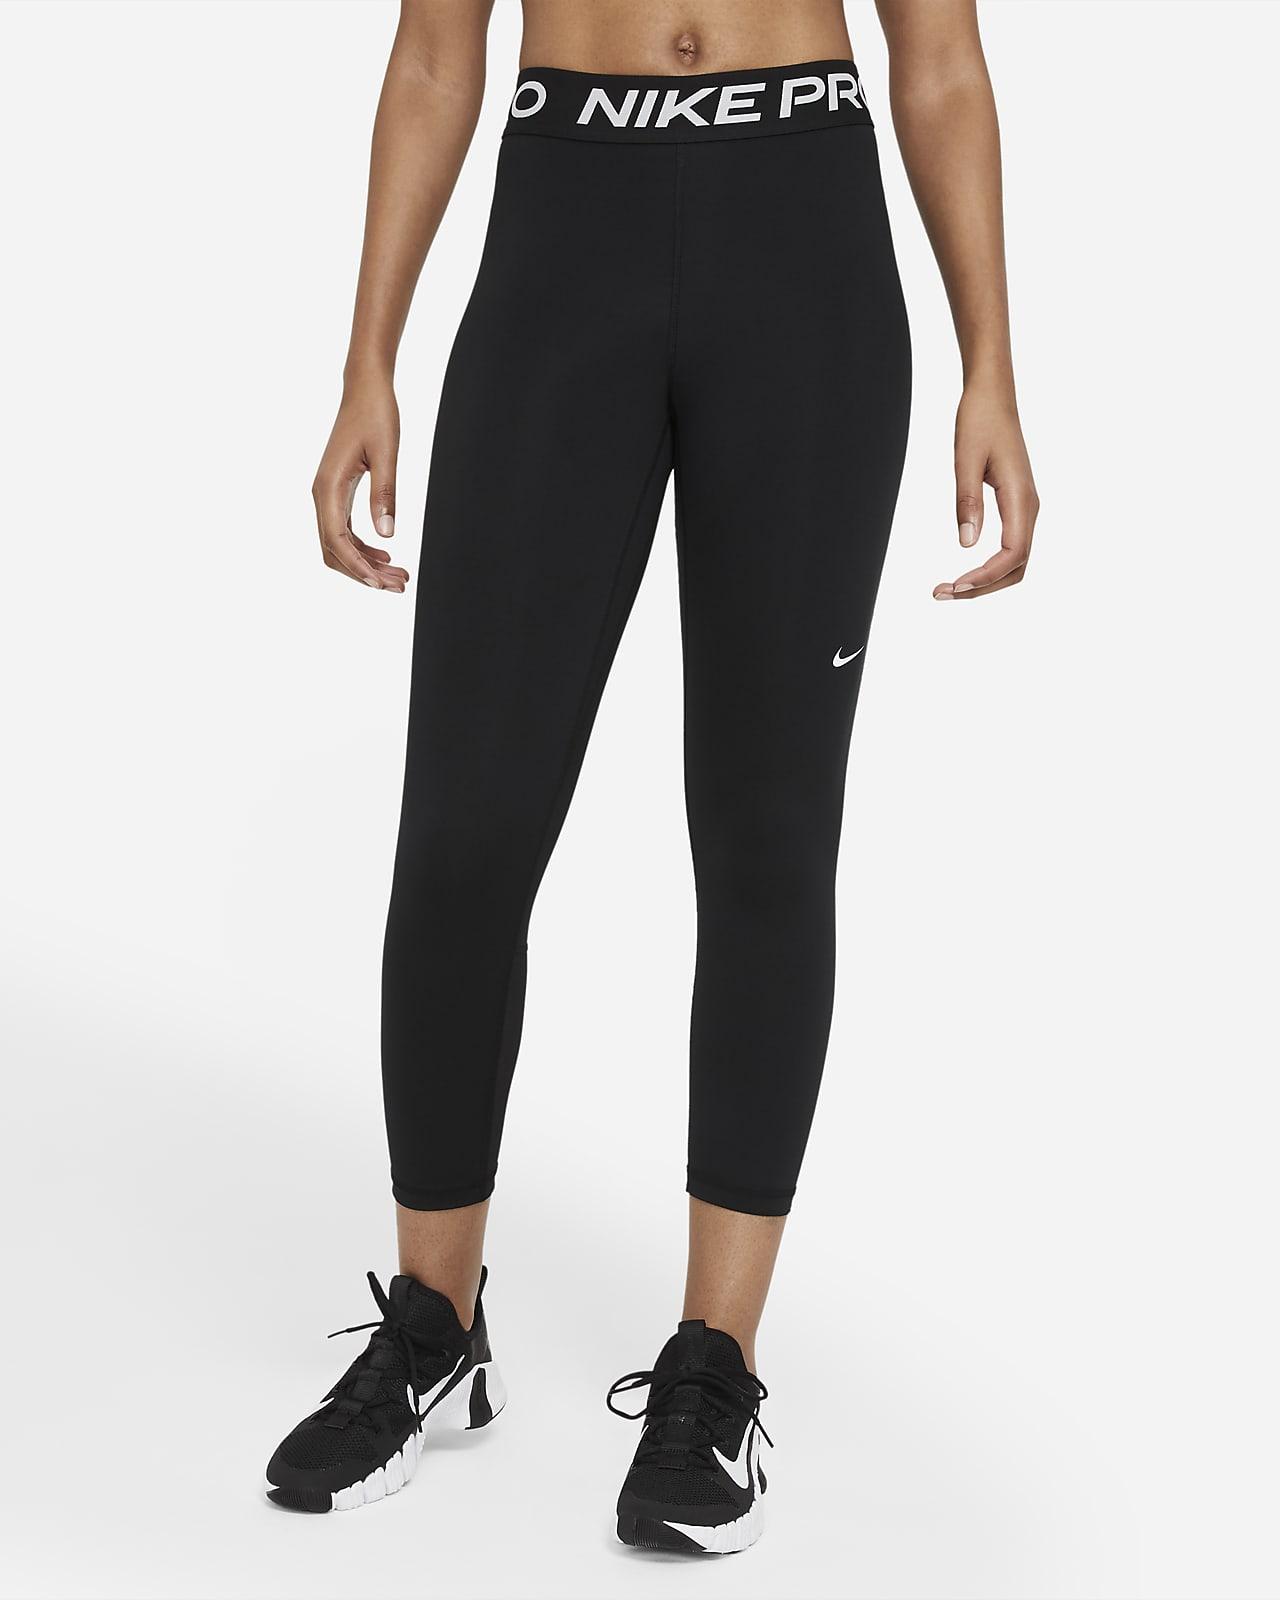 Nike Pro 365 Women's Cropped Leggings